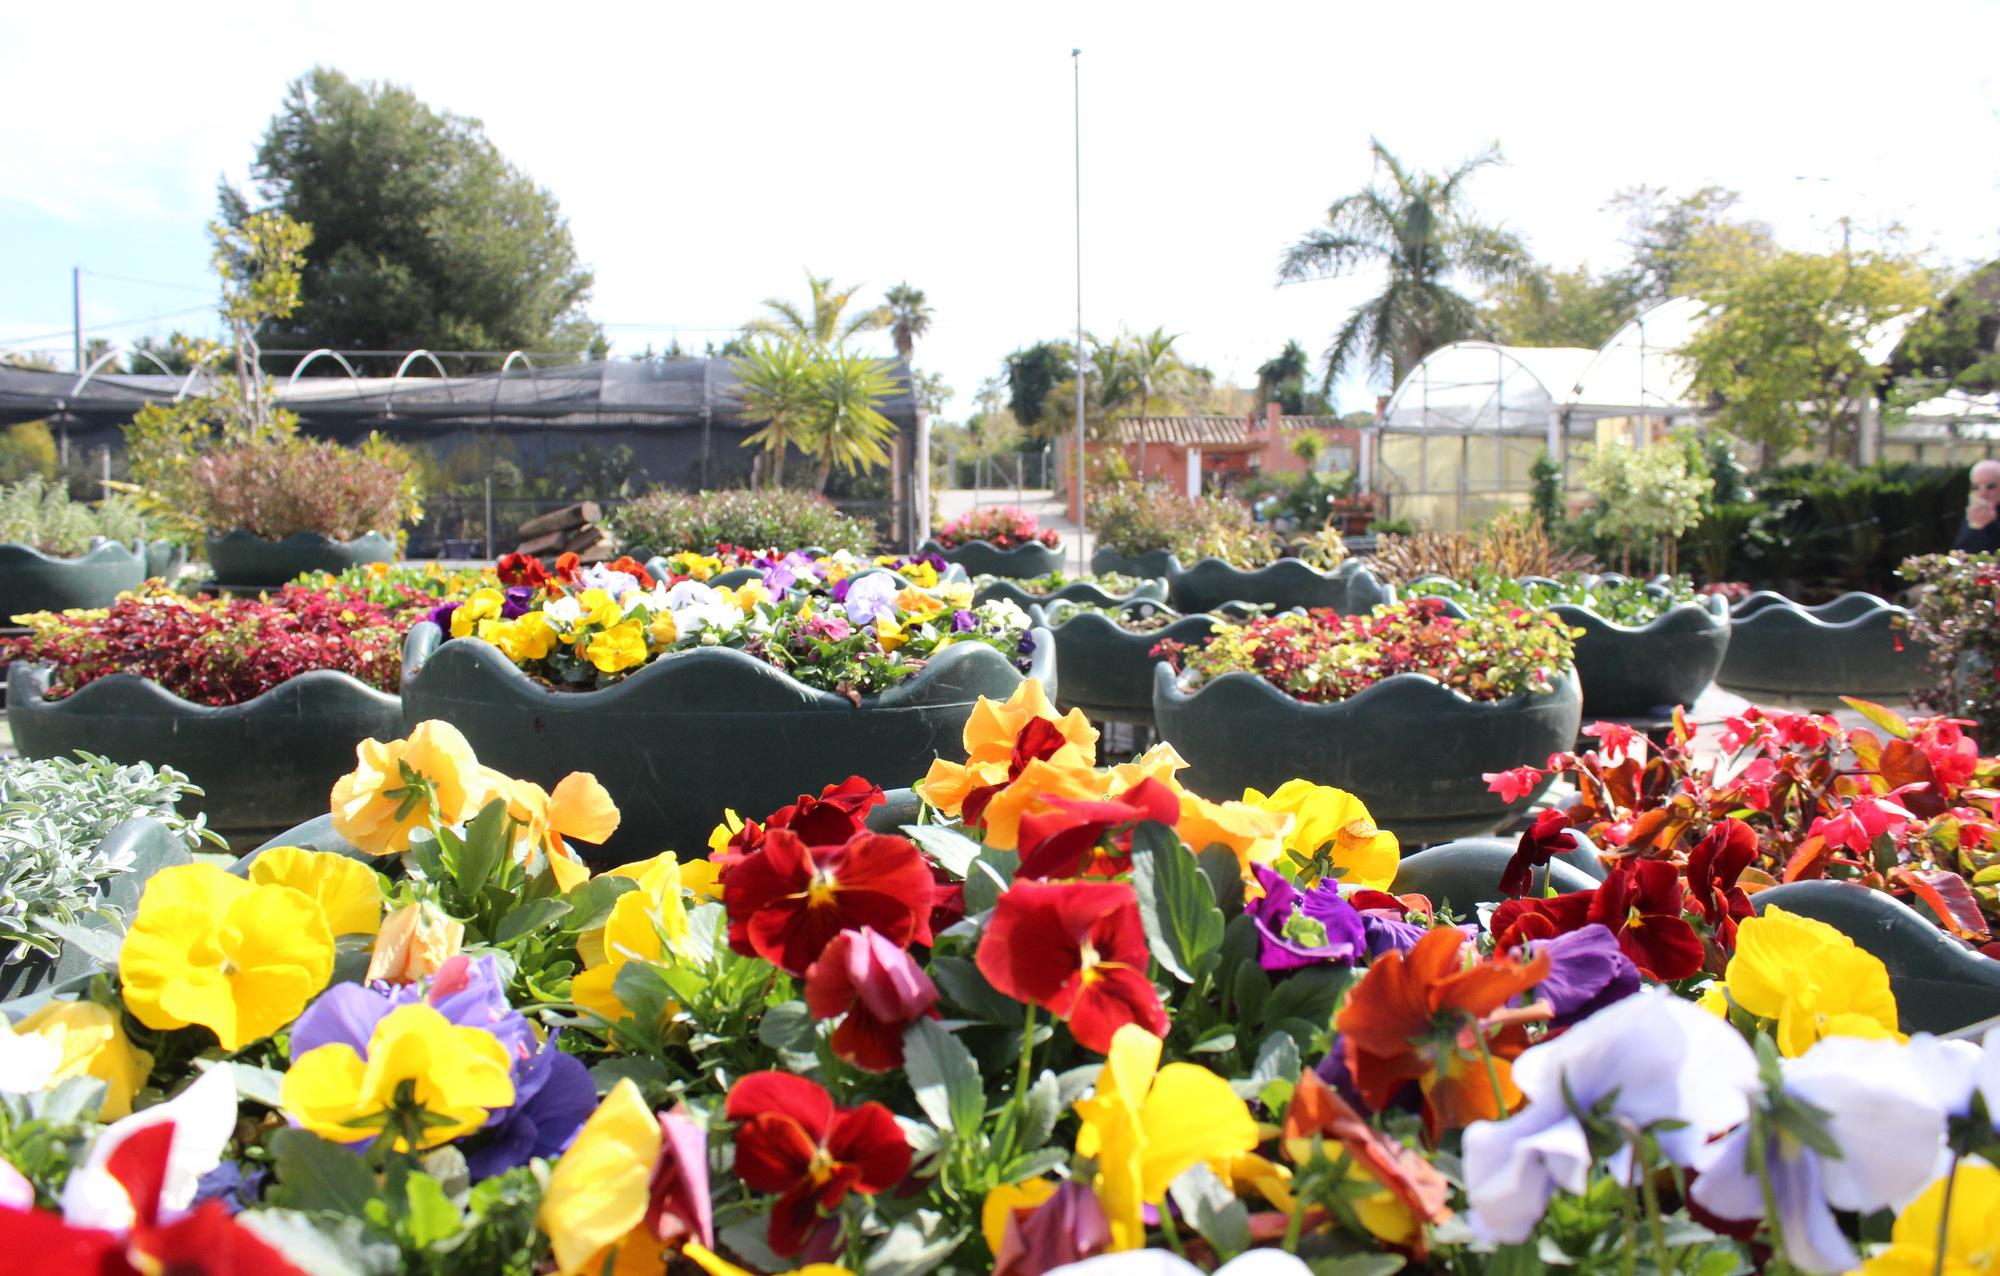 El ayuntamiento refuerza el proyecto estepona jard n de la costa del sol para superar las - El jardin del sol ...